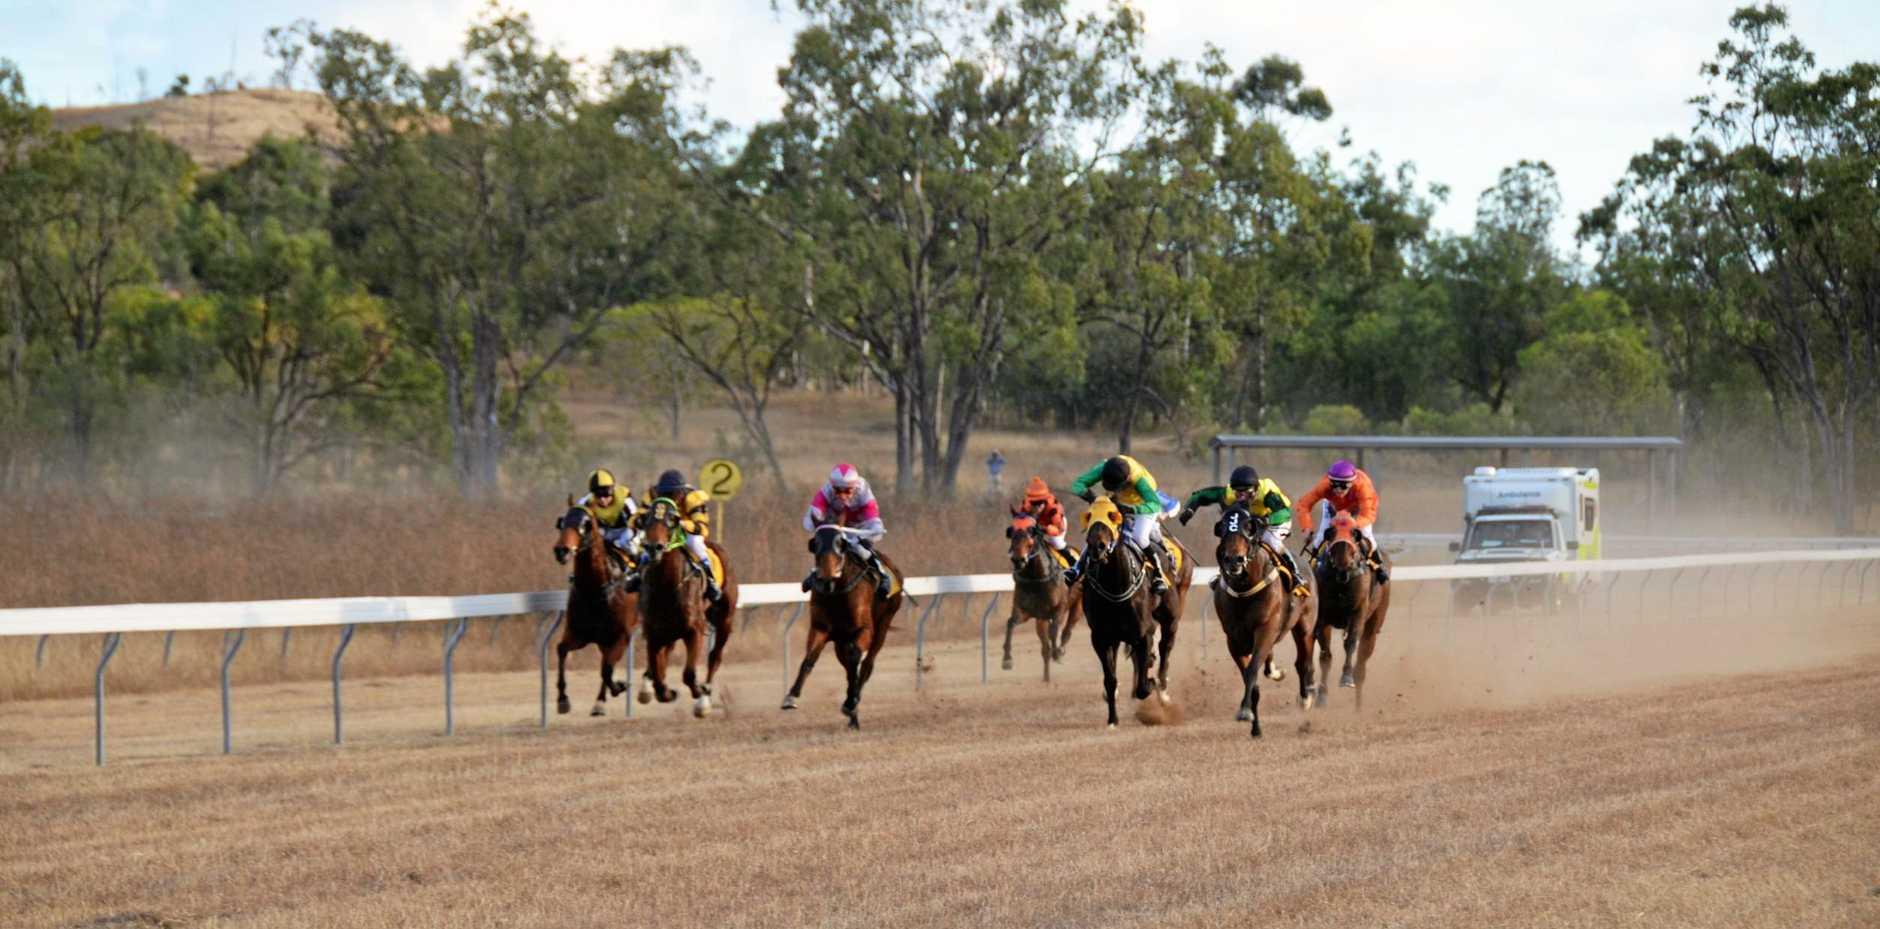 Gayndah's Winter horse races, the Gayndah Cup 2018.